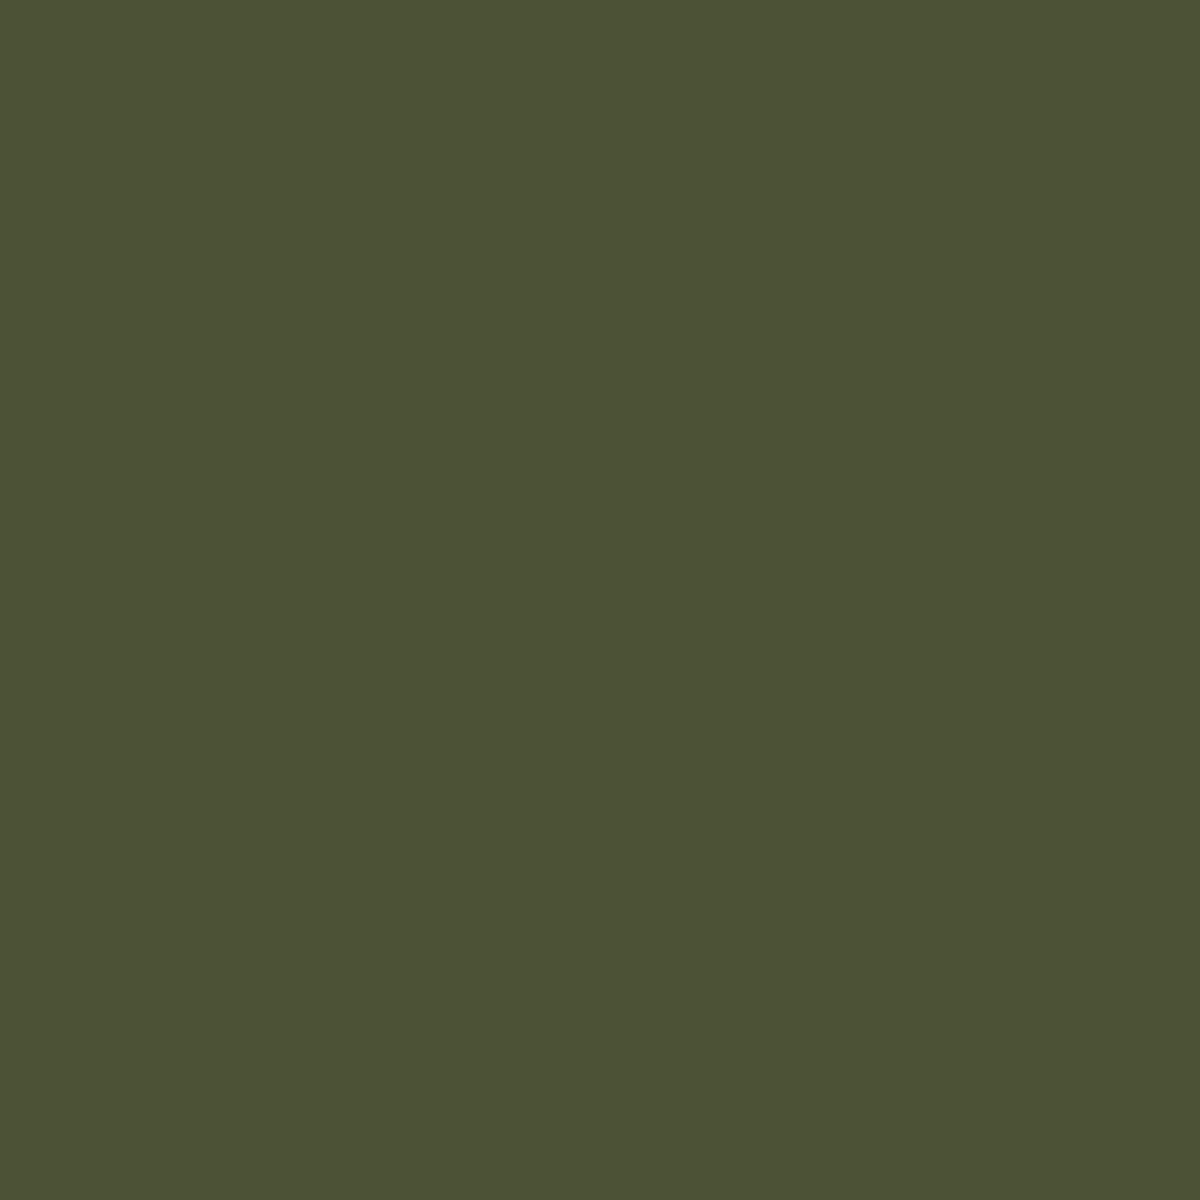 NEW COL0R! Riley Blake, Confetti Solid Chive